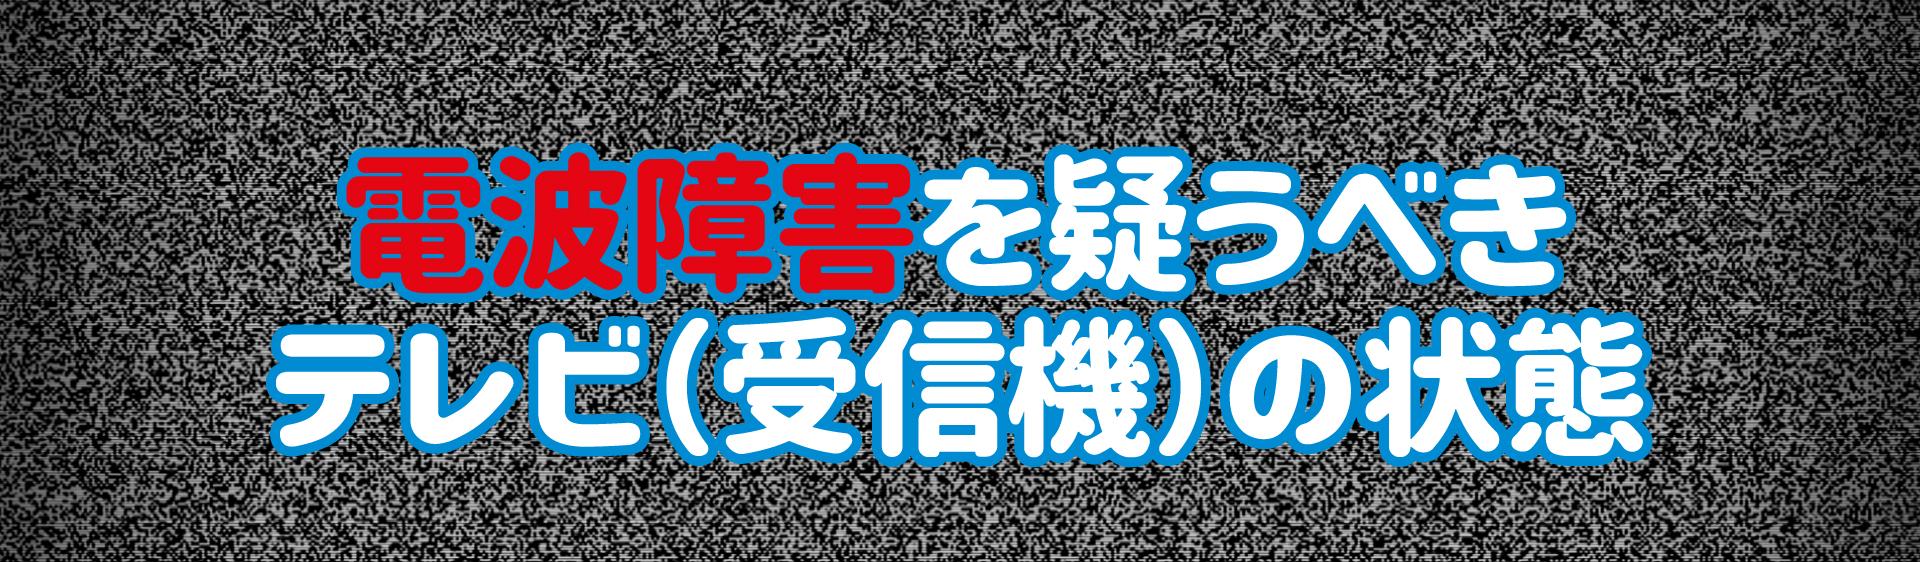 電波障害を疑うべきテレビ(受信機)の状態